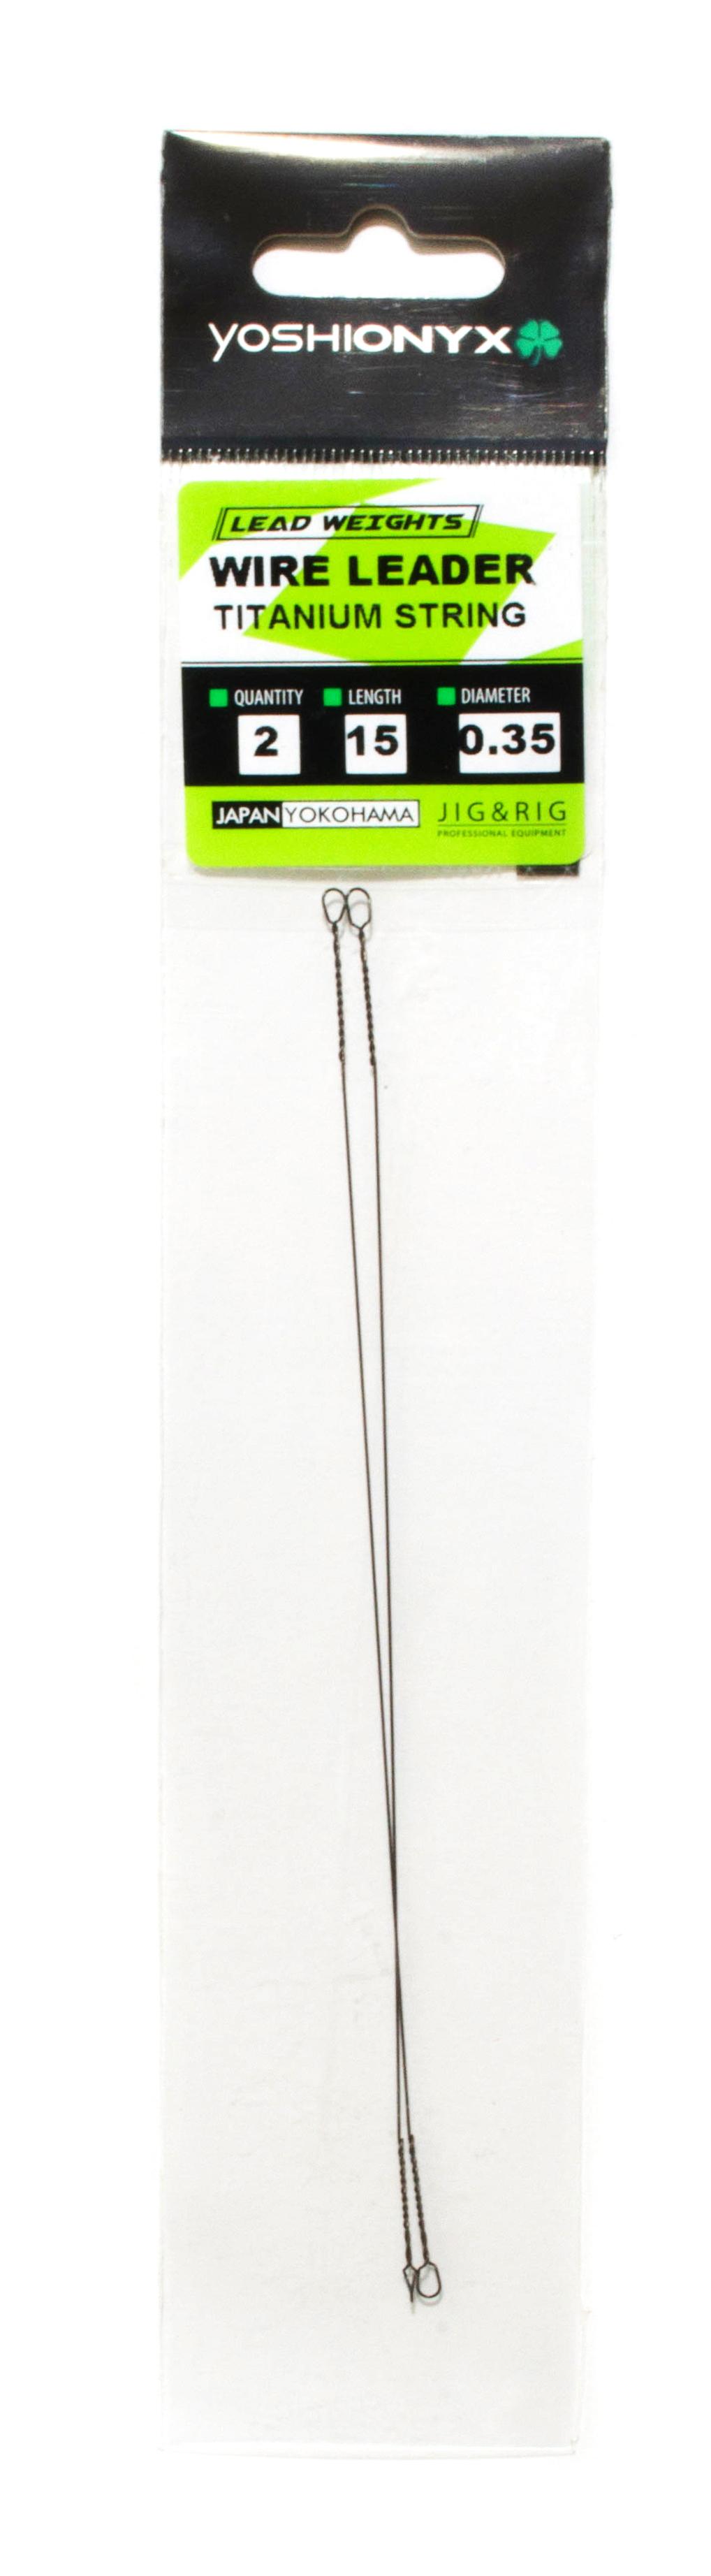 Поводок Yoshi Onyx Wire Leader Titanium String (титан струна)Поводки<br>Титановые поводки применяются в ловле от ультралайтового класса до джерка или нахлыста. Благодаря тому, что титан имеет вдвое меньший вес в сравнении со сталью, что способствует уменьшению влияния поводка на плавучесть даже миниатюрных приманок. Поводки э...<br>